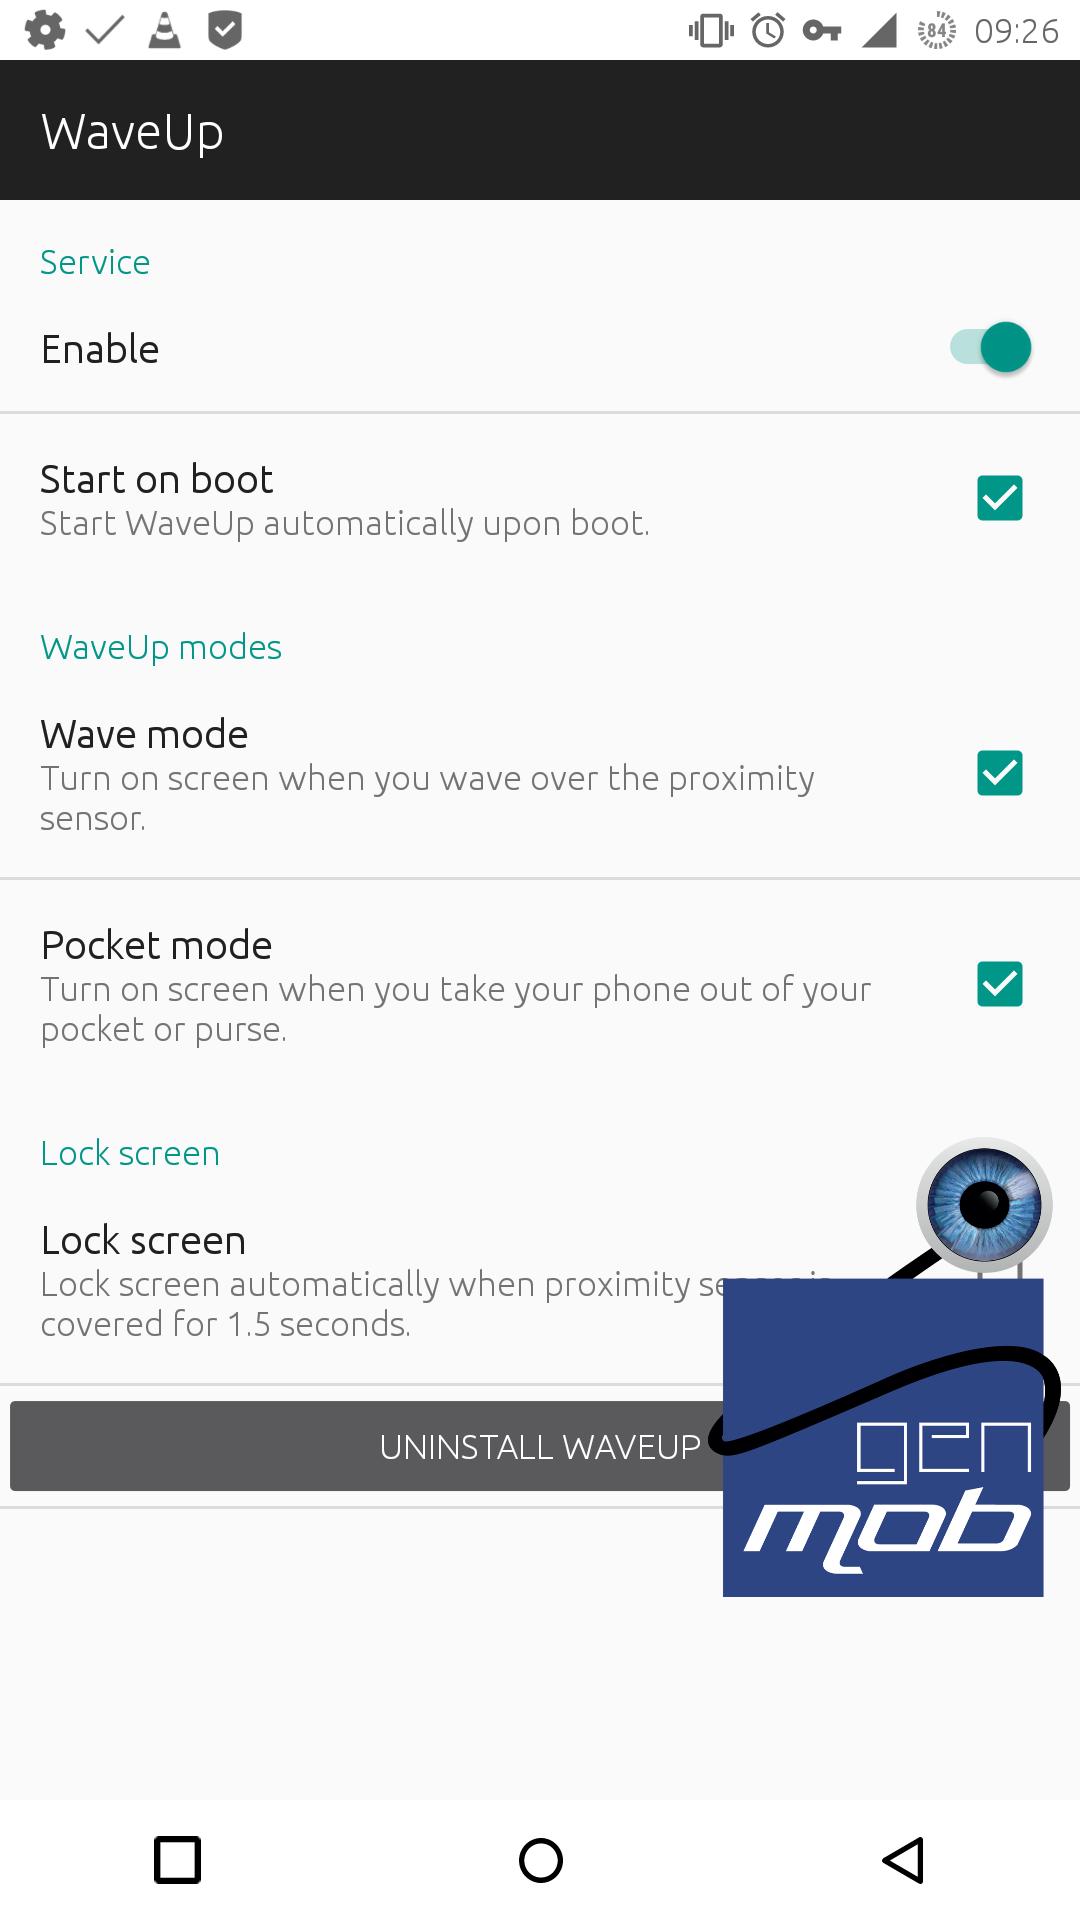 [APPLICATION ANDROID - WaveUp] Allumer et éteindre l'écran sans le toucher - Battery friendly [Gratuit] 14607245766892